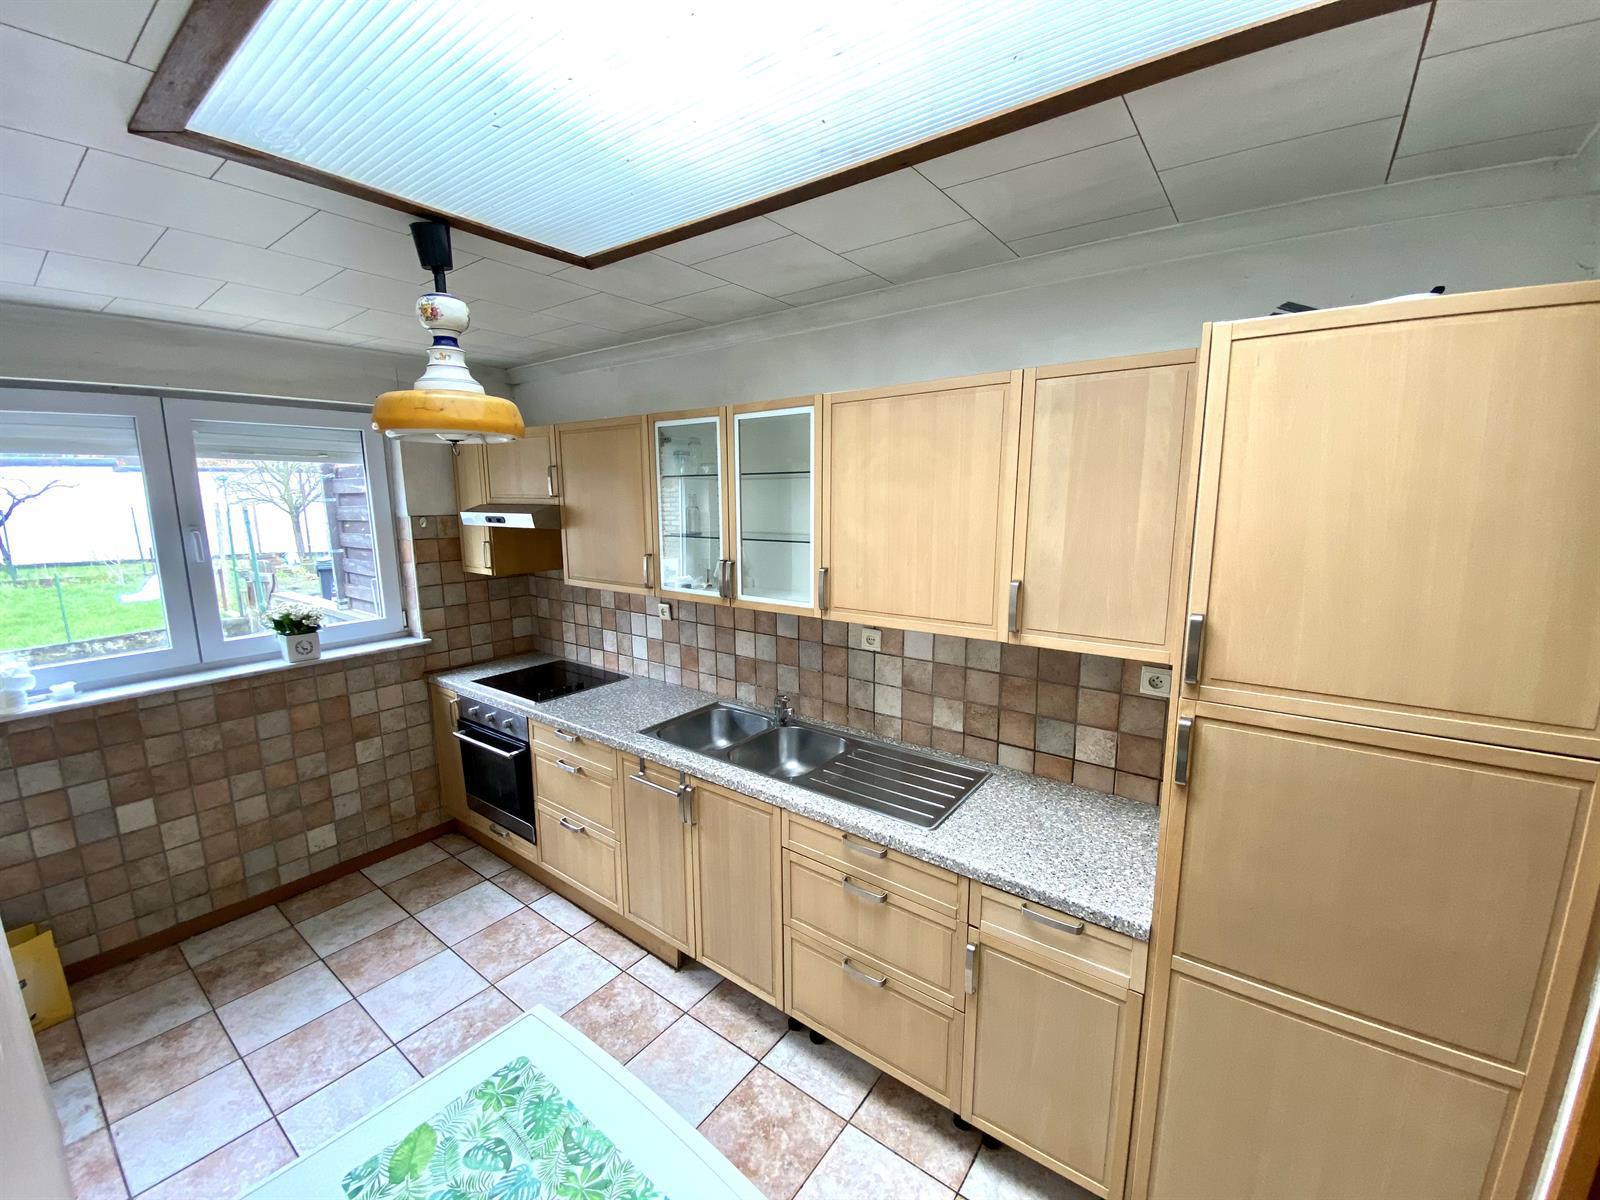 House - Jemeppe-sur-Meuse - #4312091-4